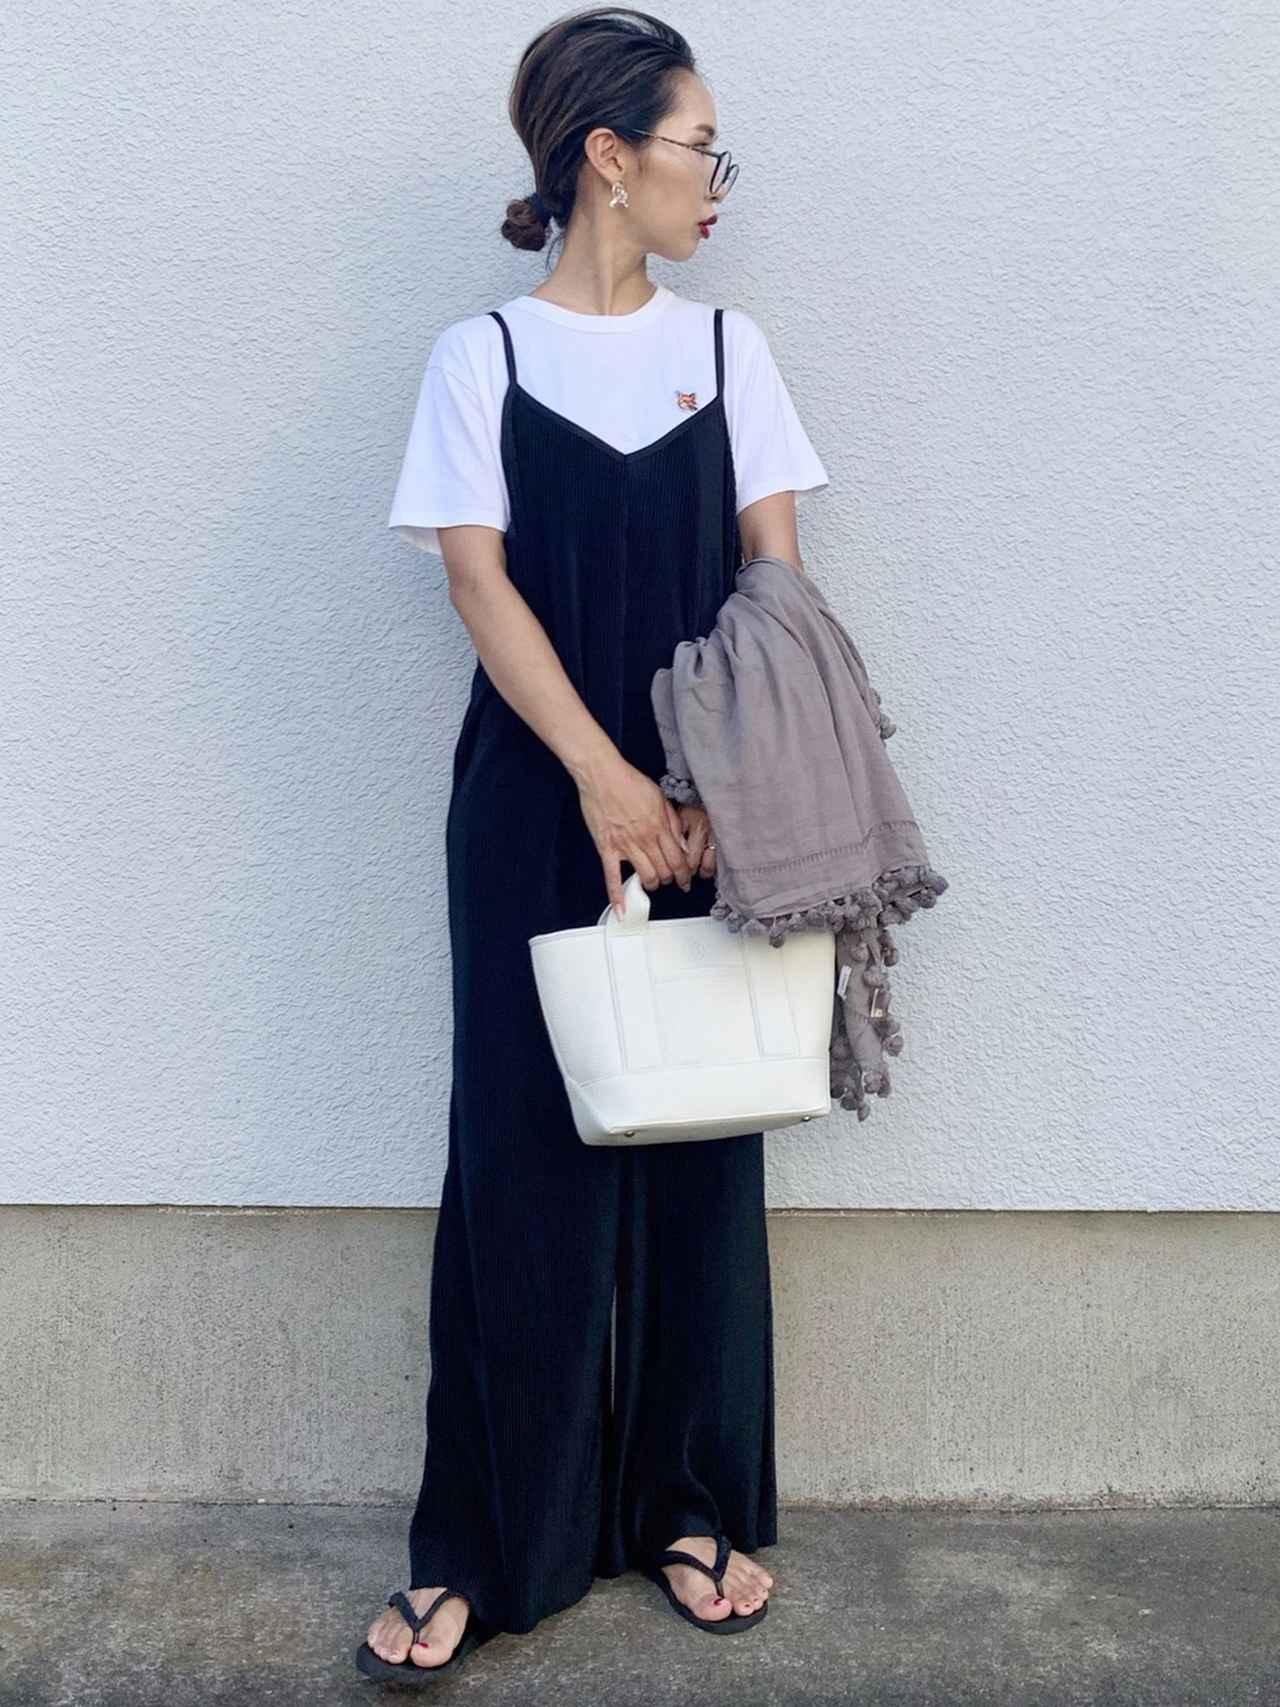 画像: 【MAISON KITSUNE】Tシャツ1万5400円(税込) 【Shelly island】サロペット3080円(税込)